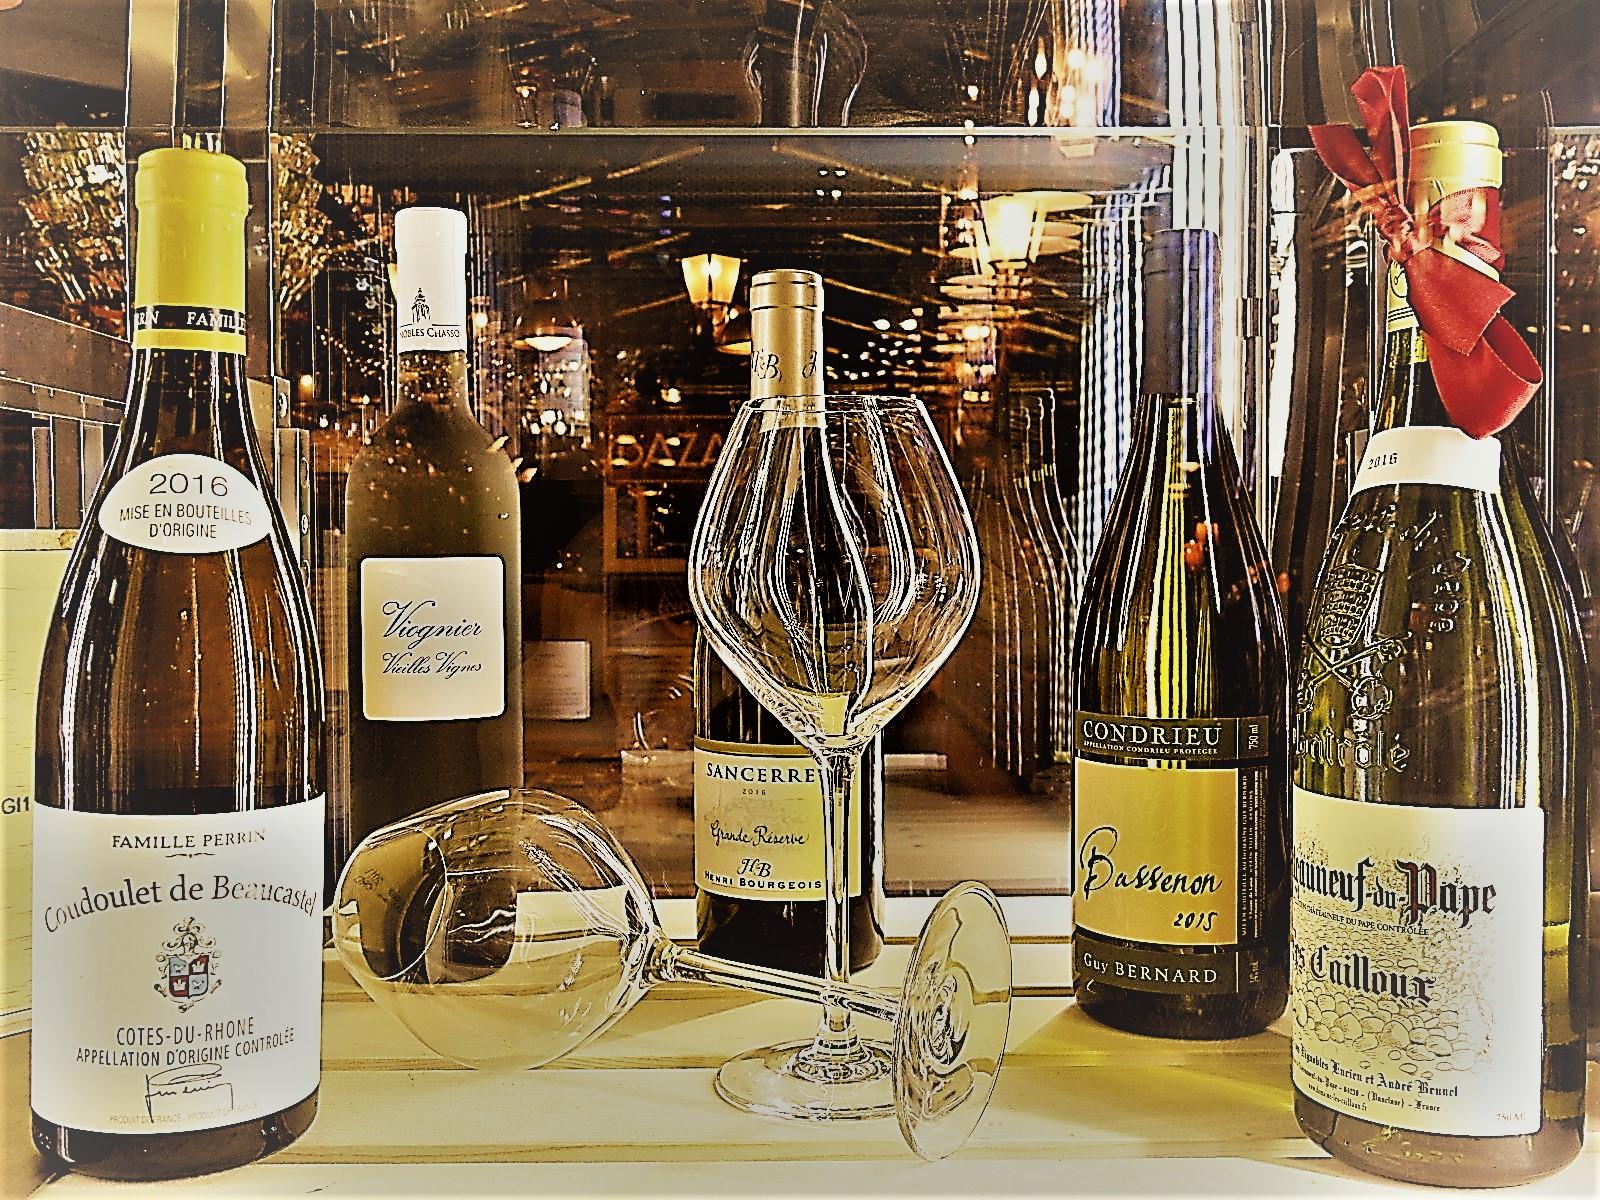 Les Vins BlancsNotre carte au Vieux Marché